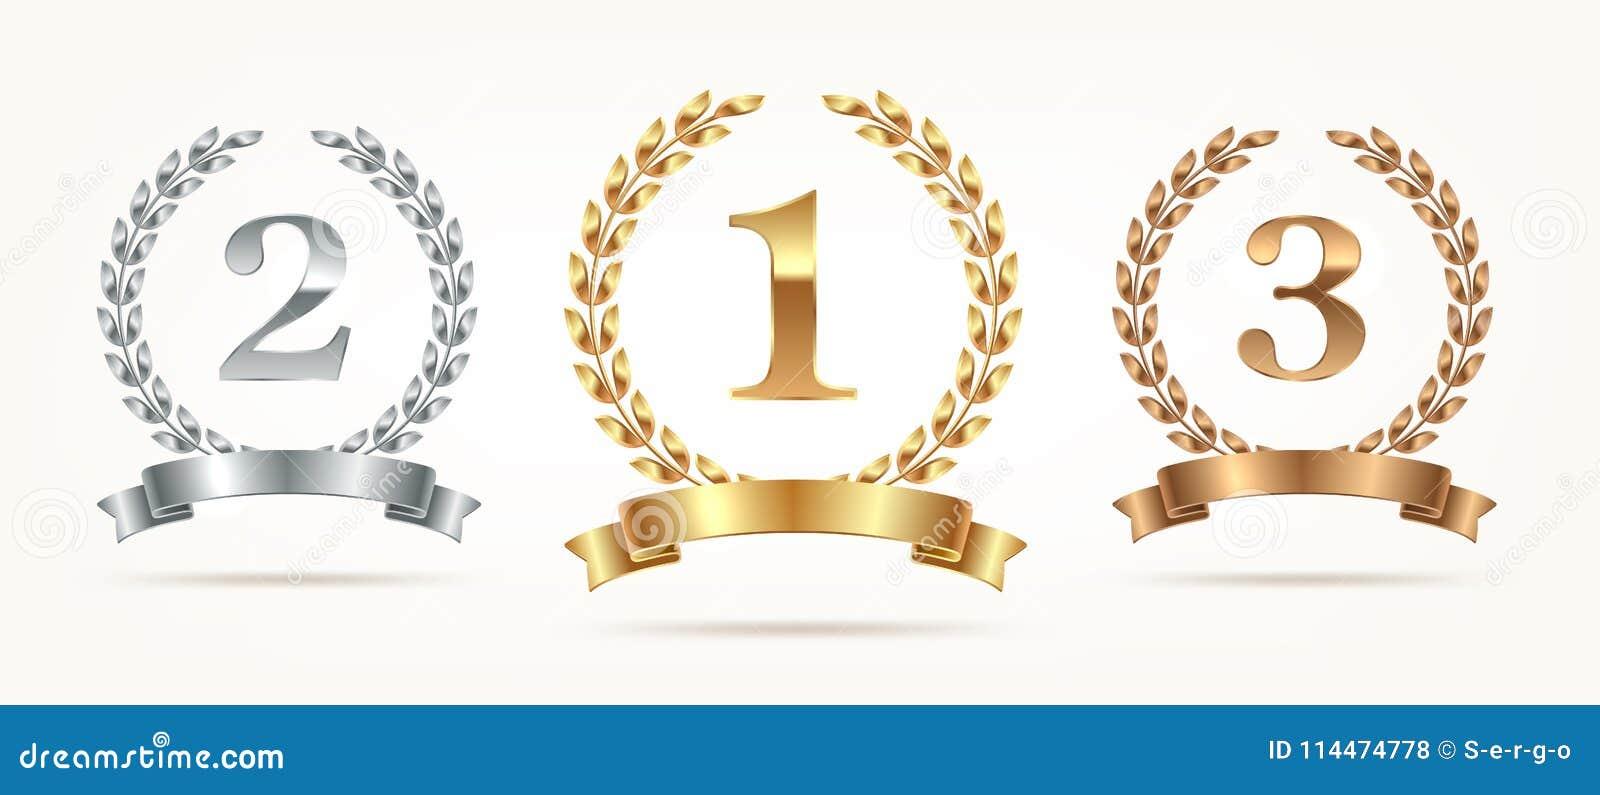 Комплект шереножных эмблем - золото, серебр, бронза Первое место, второе место и третье место подписывают с лавровым венком и лен